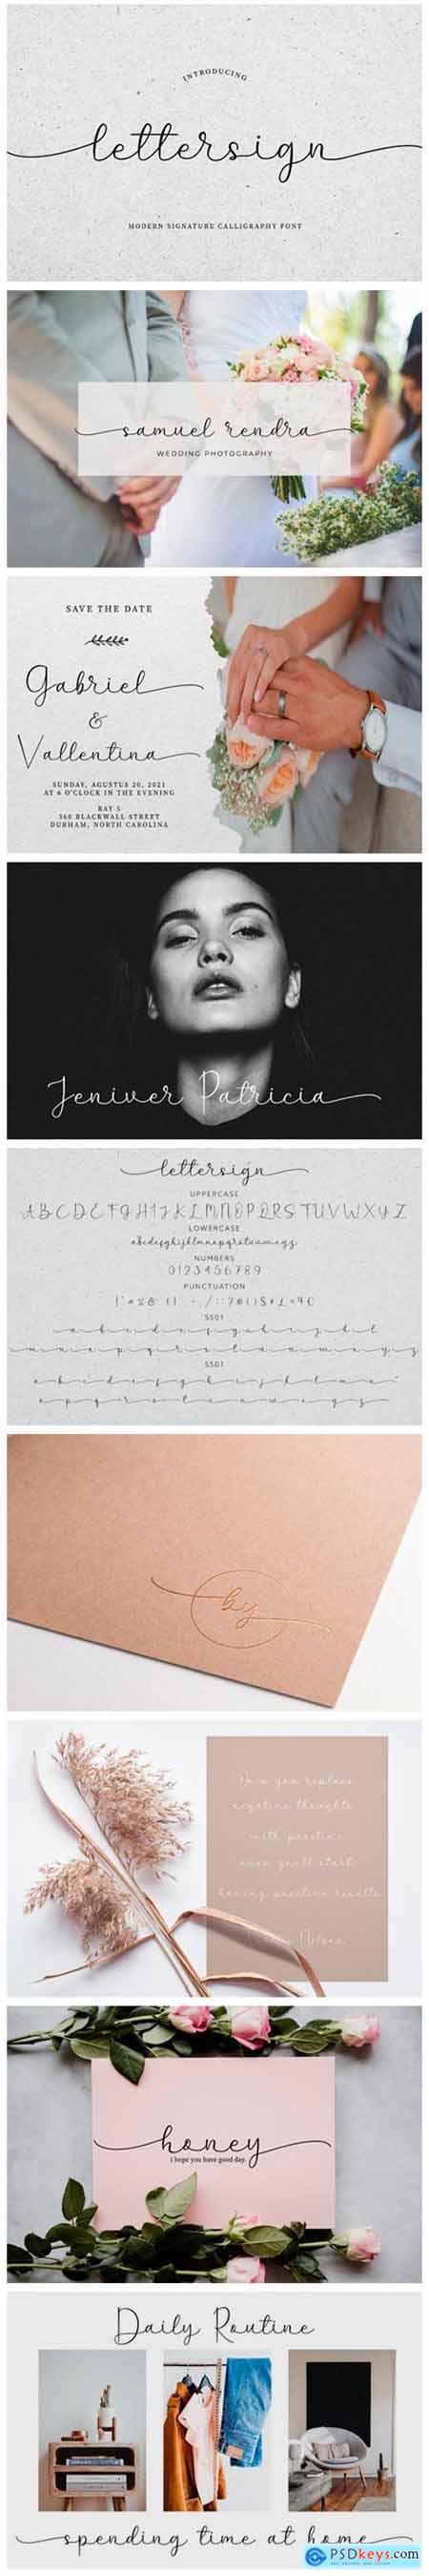 Lettersign Font